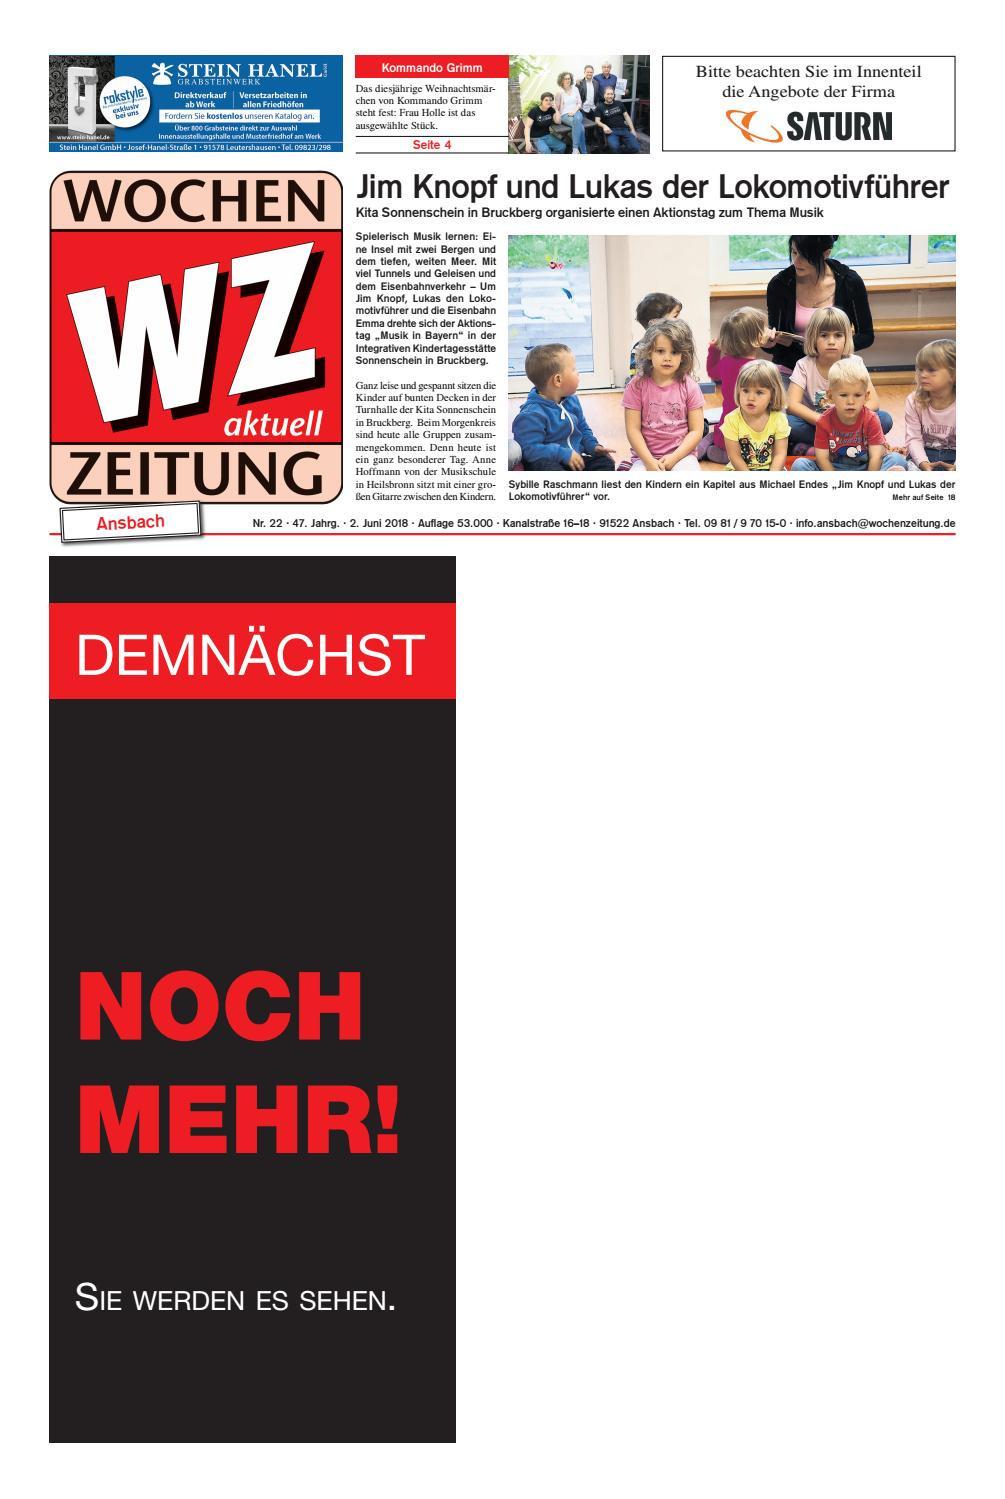 Jim Knopf Ausmalbilder Das Beste Von Ausmalbilder Jim Knopf Genial Wochenzeitung Ansbach Kw 22 18 by Bild